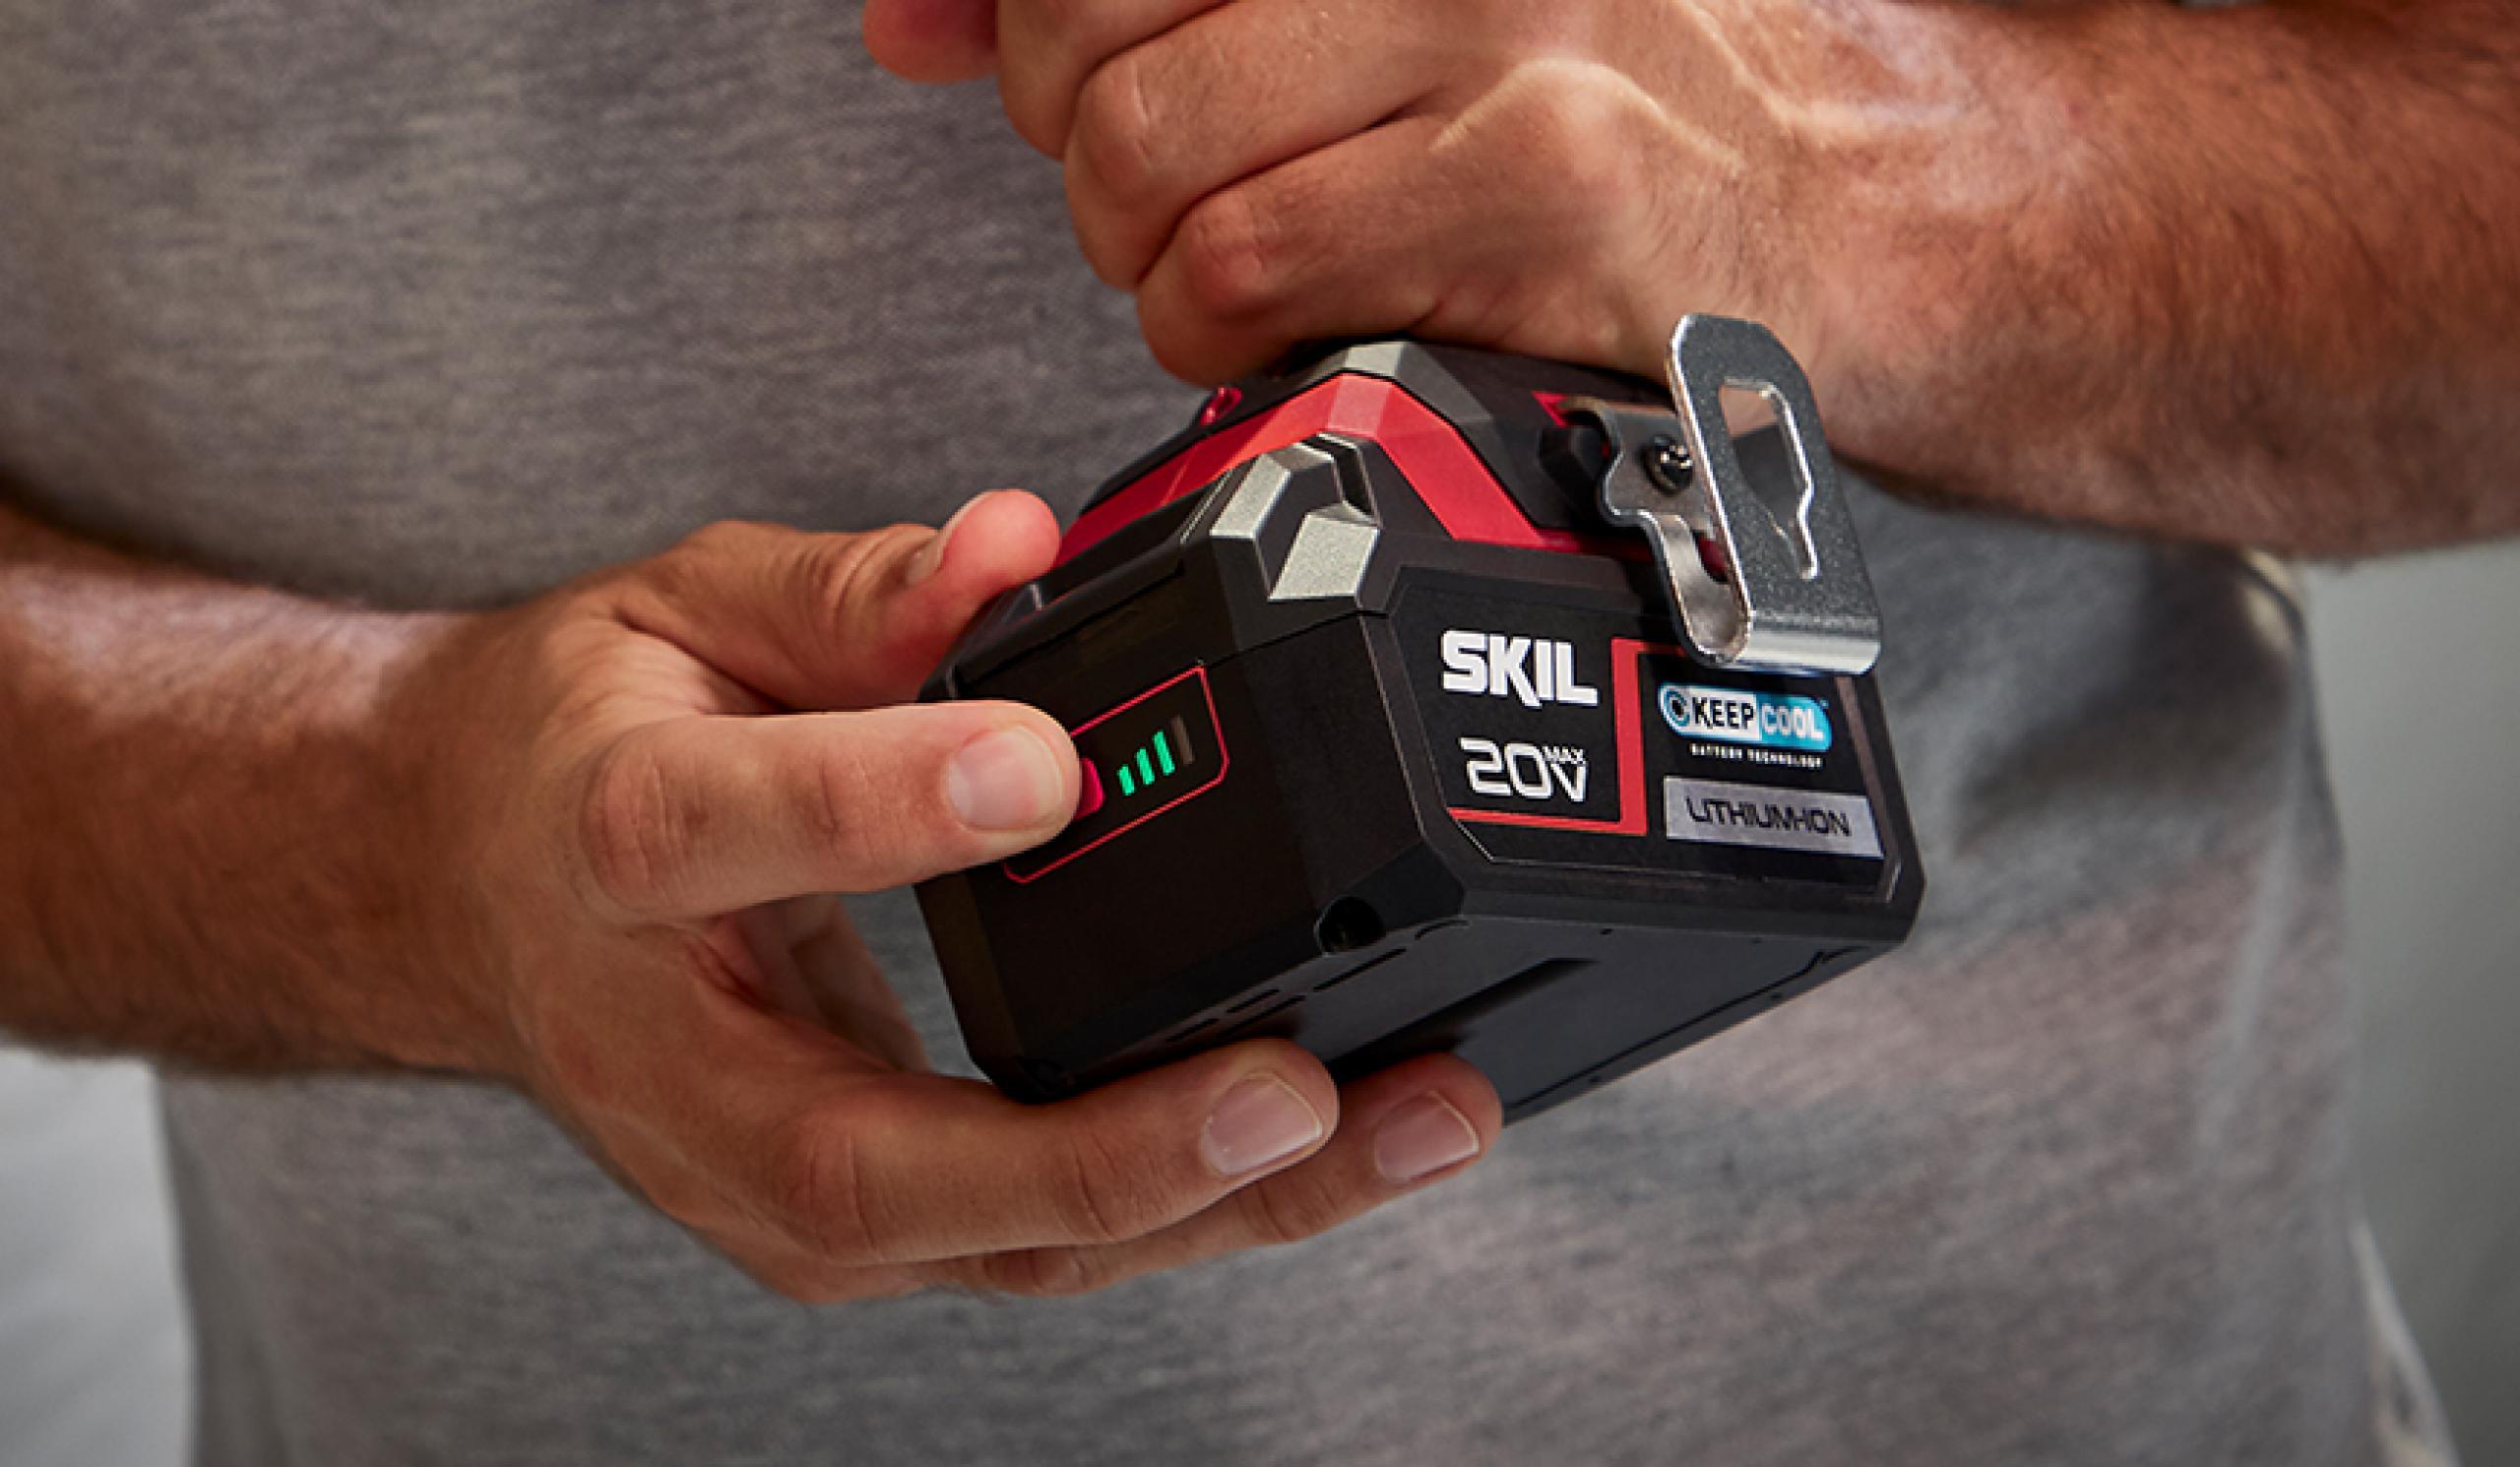 Patentovaný indikátor stavu baterie, kterému můžete věřit